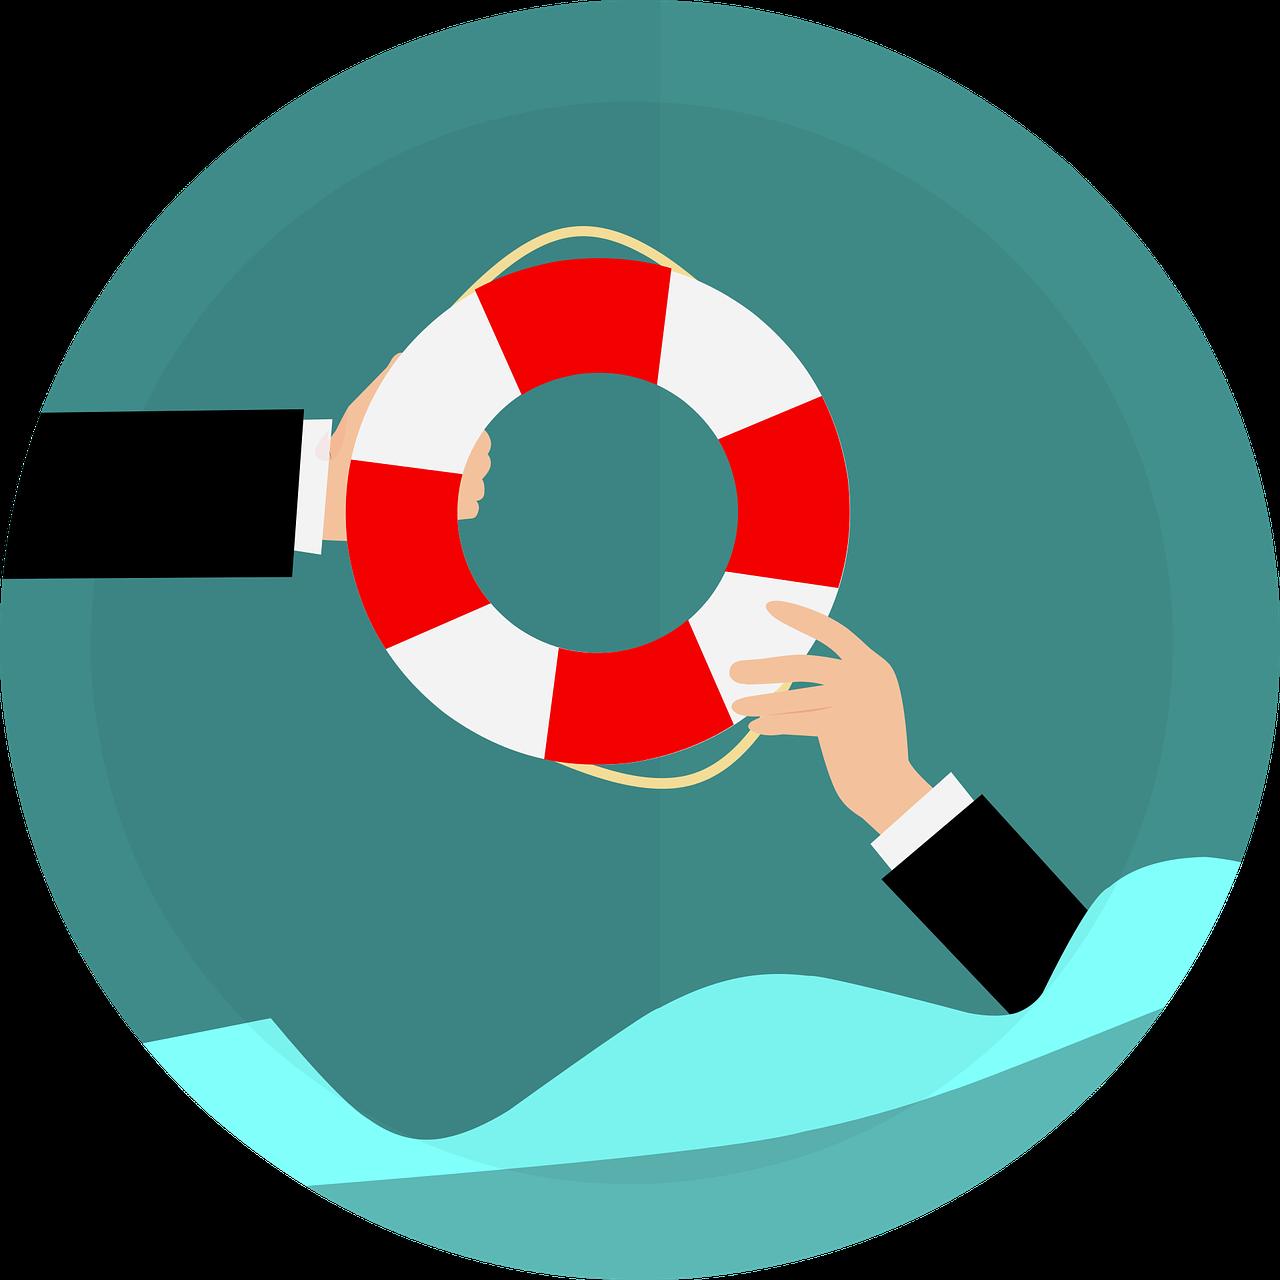 Soluciones en tiempos de crisis. Ayuda en crisis